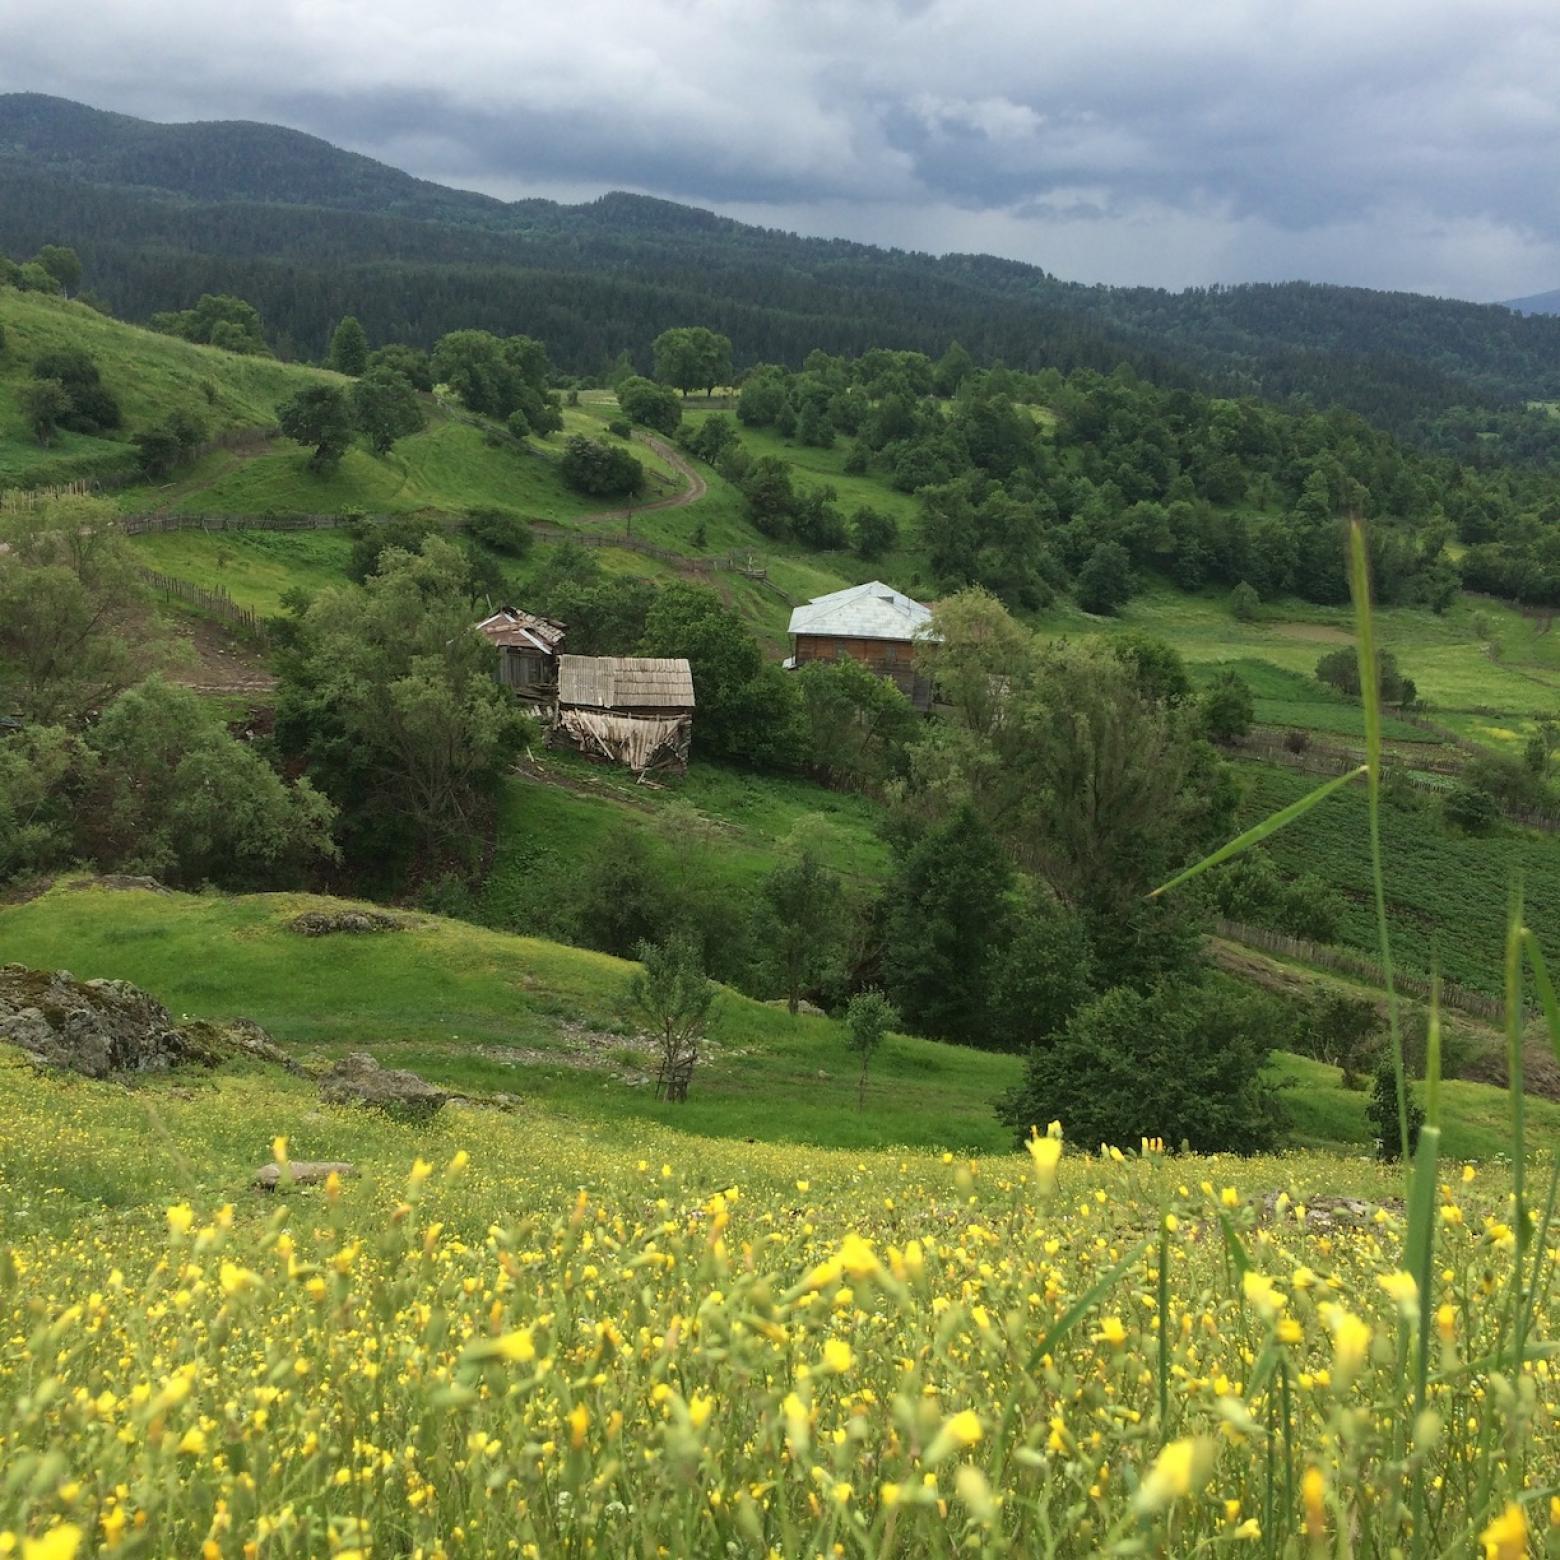 ecfcaucasus.org